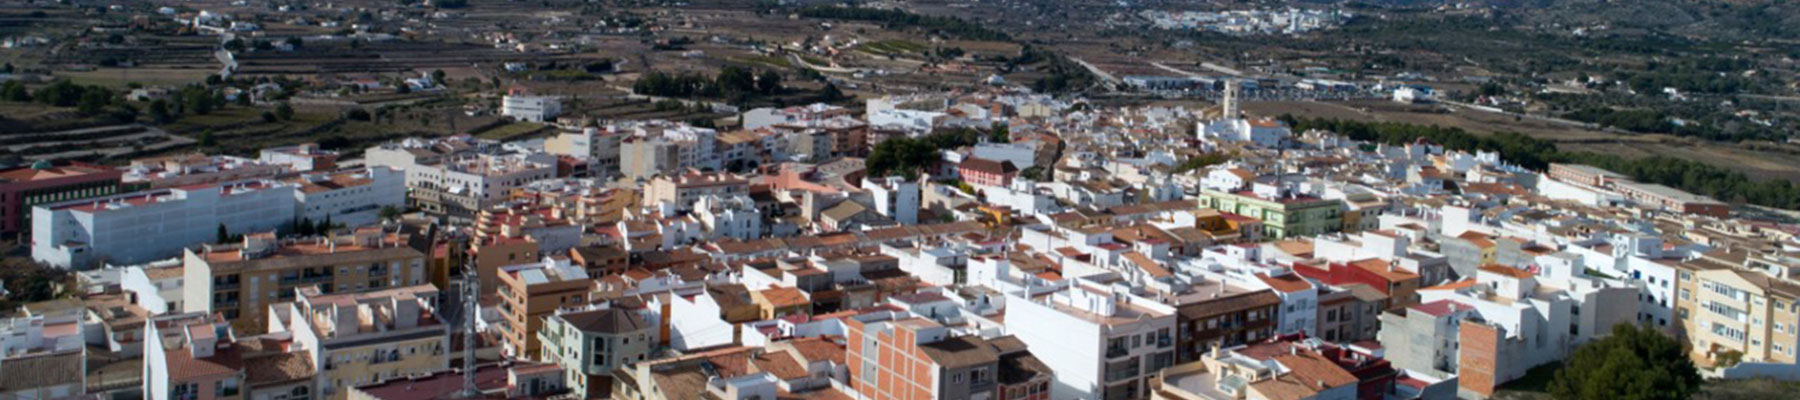 Información Socioeconómica y Laboral del Municipio de Teulada